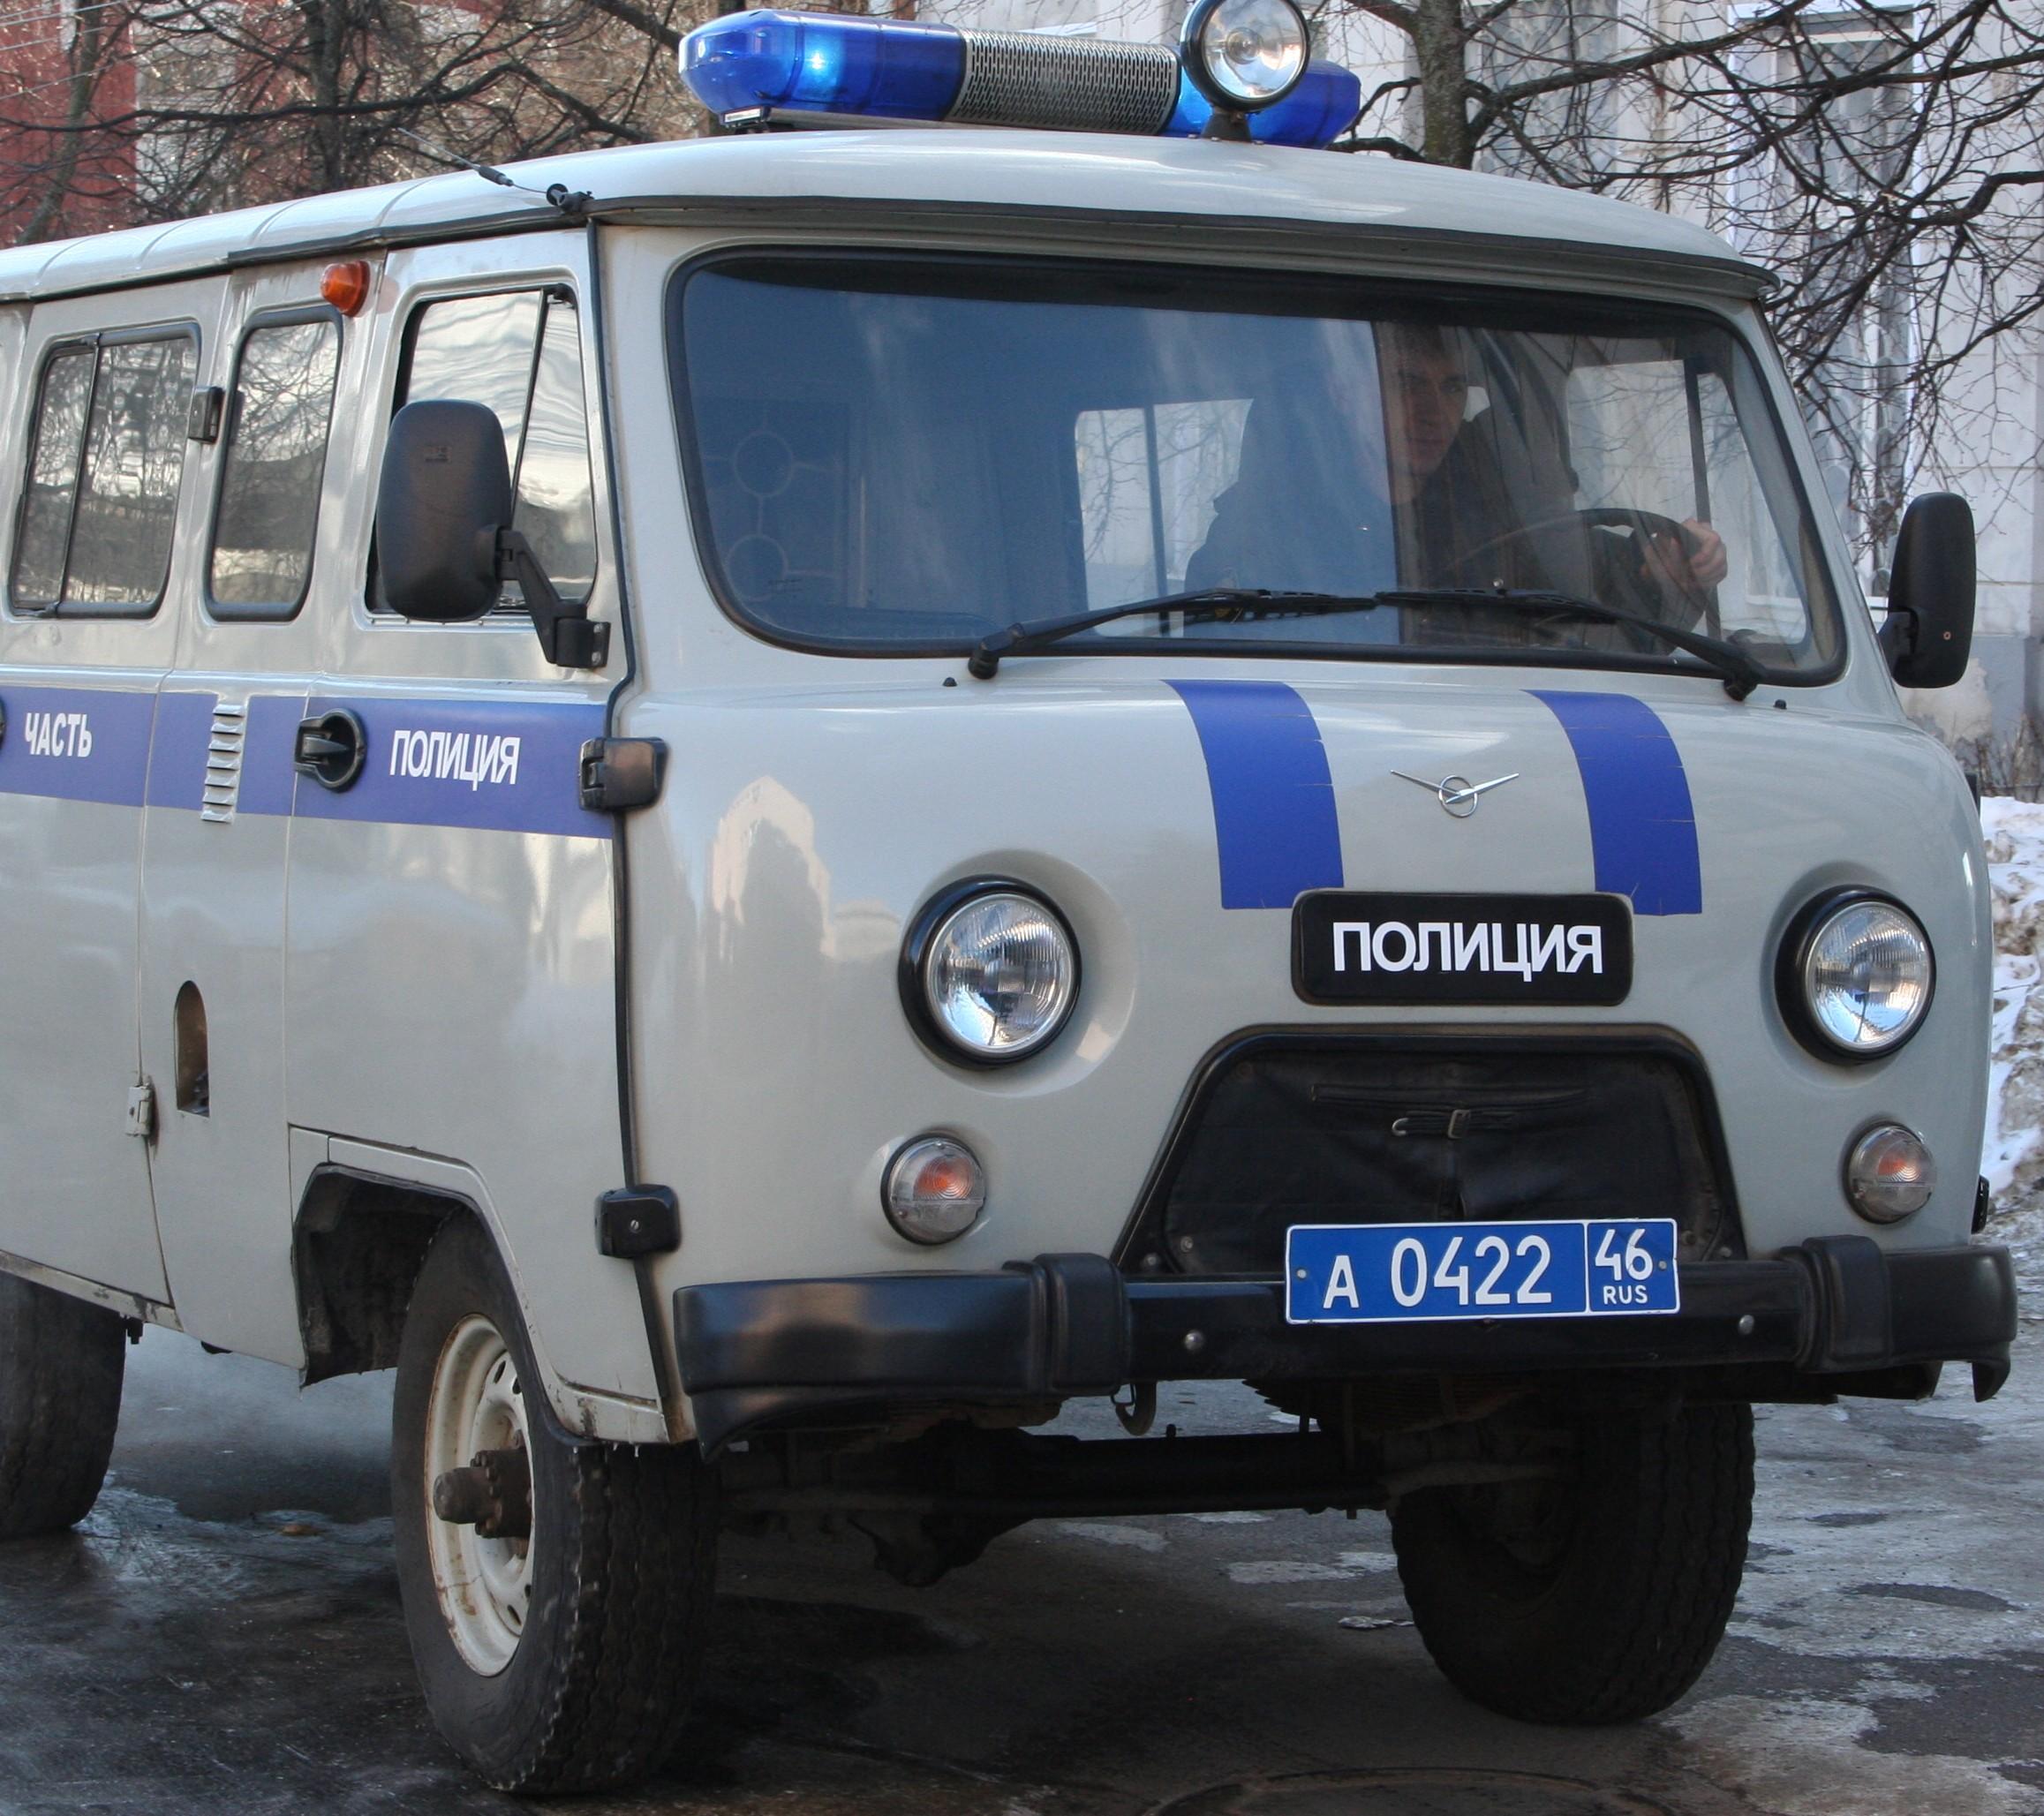 Житель Смоленской области разбился насмерть, выпрыгнув на ходу из полицейской машины